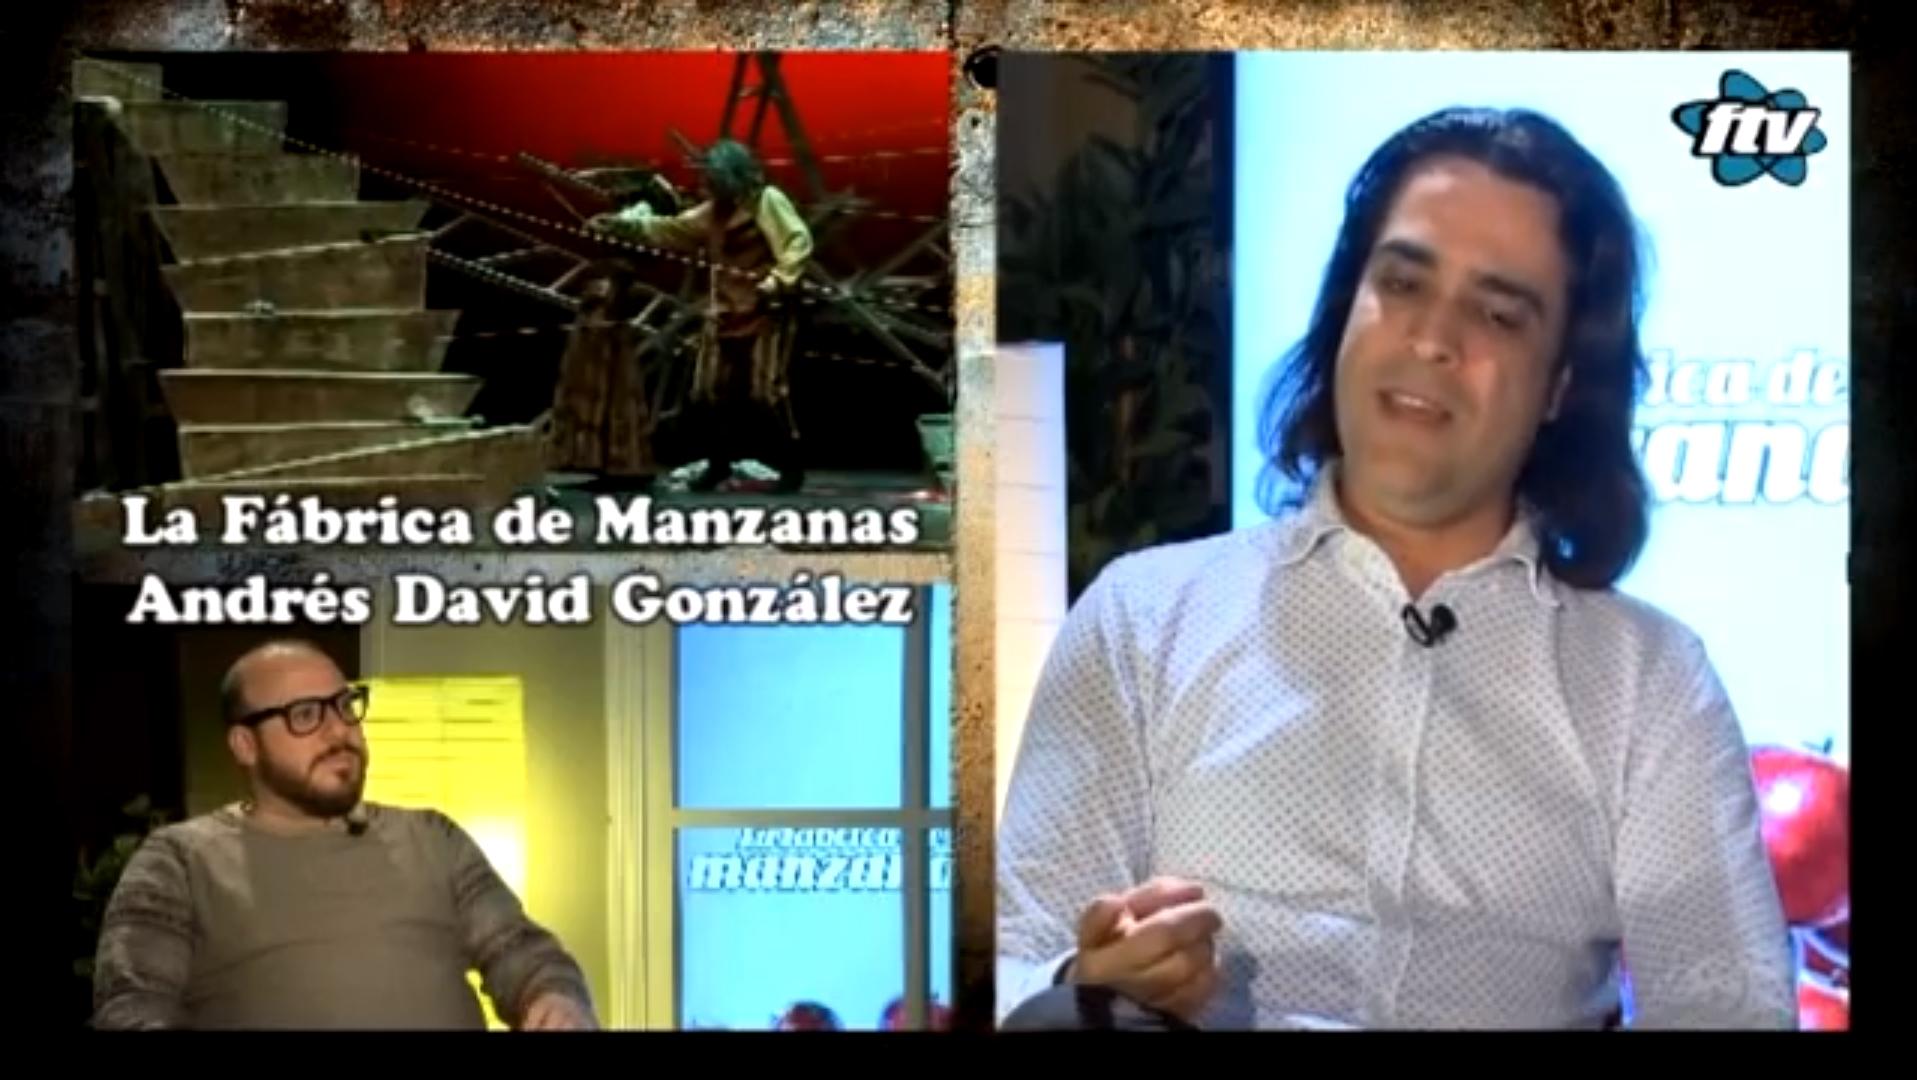 Entrevista de televisión al director escénico Andrés David González Muñoz sobre la obra de teatro SISIFO. Programa de Fuengirola Tv, la Fabrica de manzanas presentado por Enrique Pedraza.